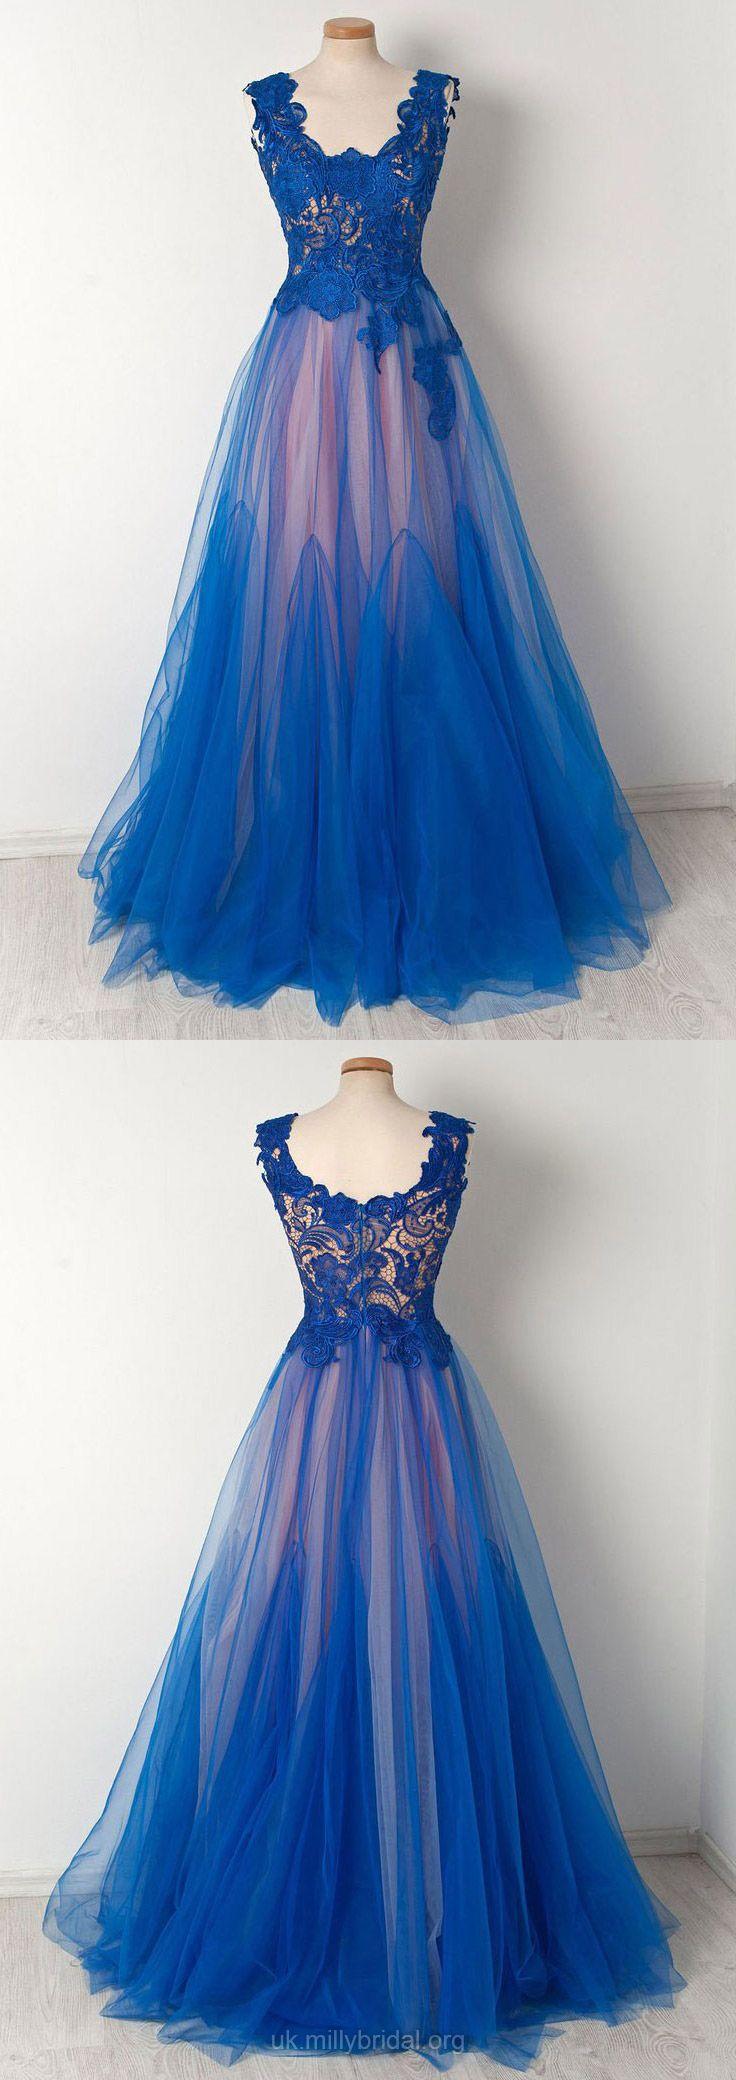 Blue formal dresses long princess prom dresses for teens vintage